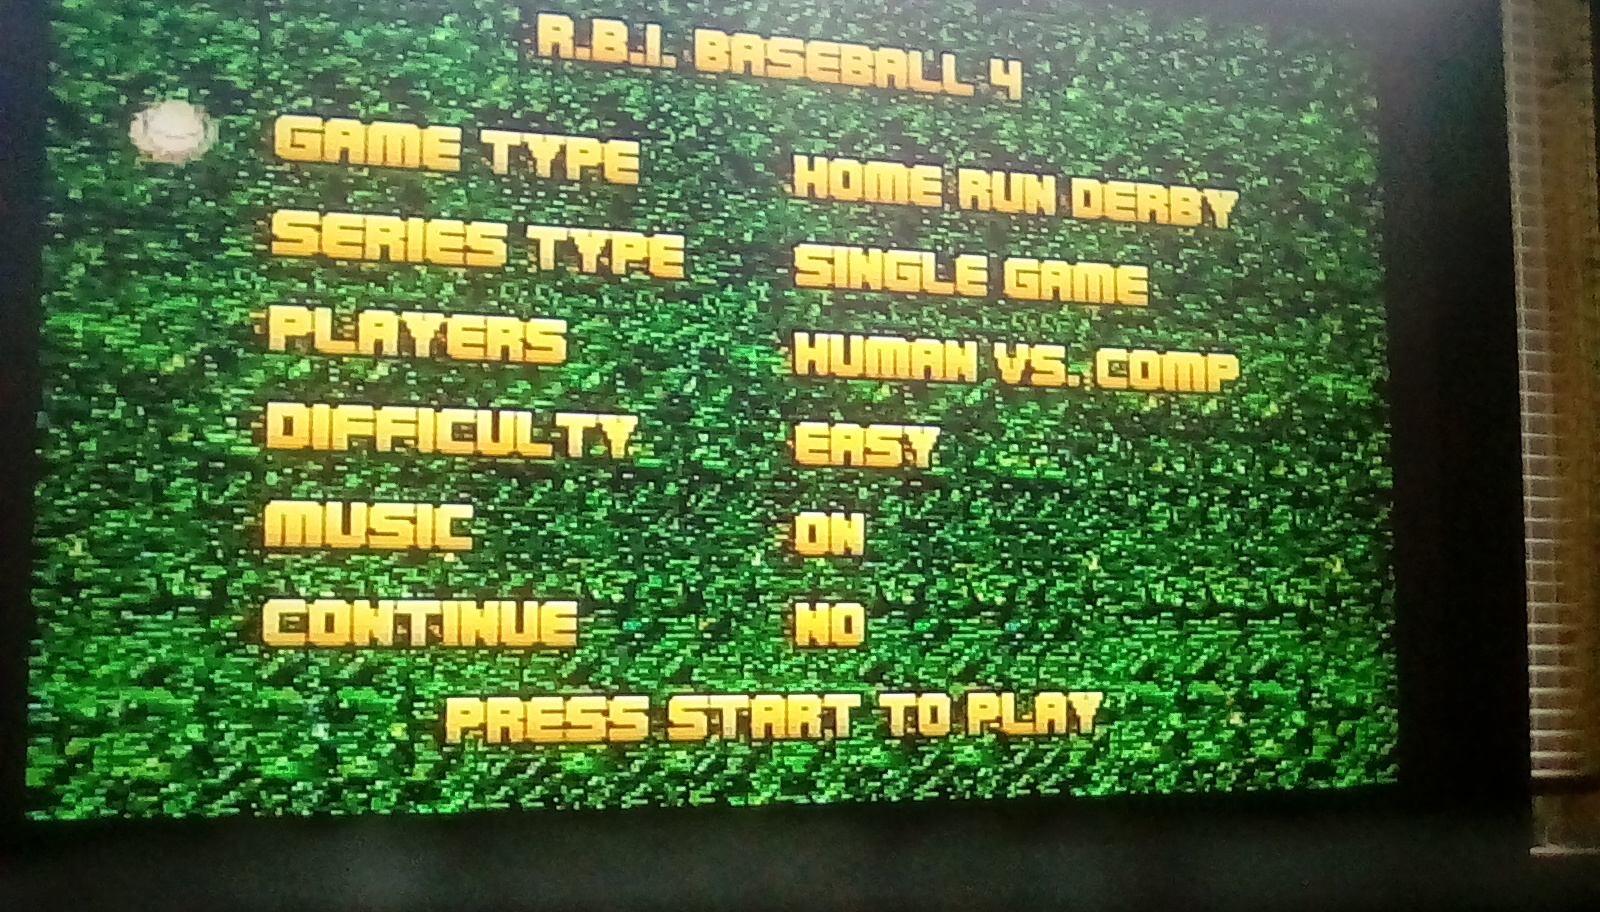 RBI Baseball 4 [Home Run Derby] [Most Home Runs] 3 points